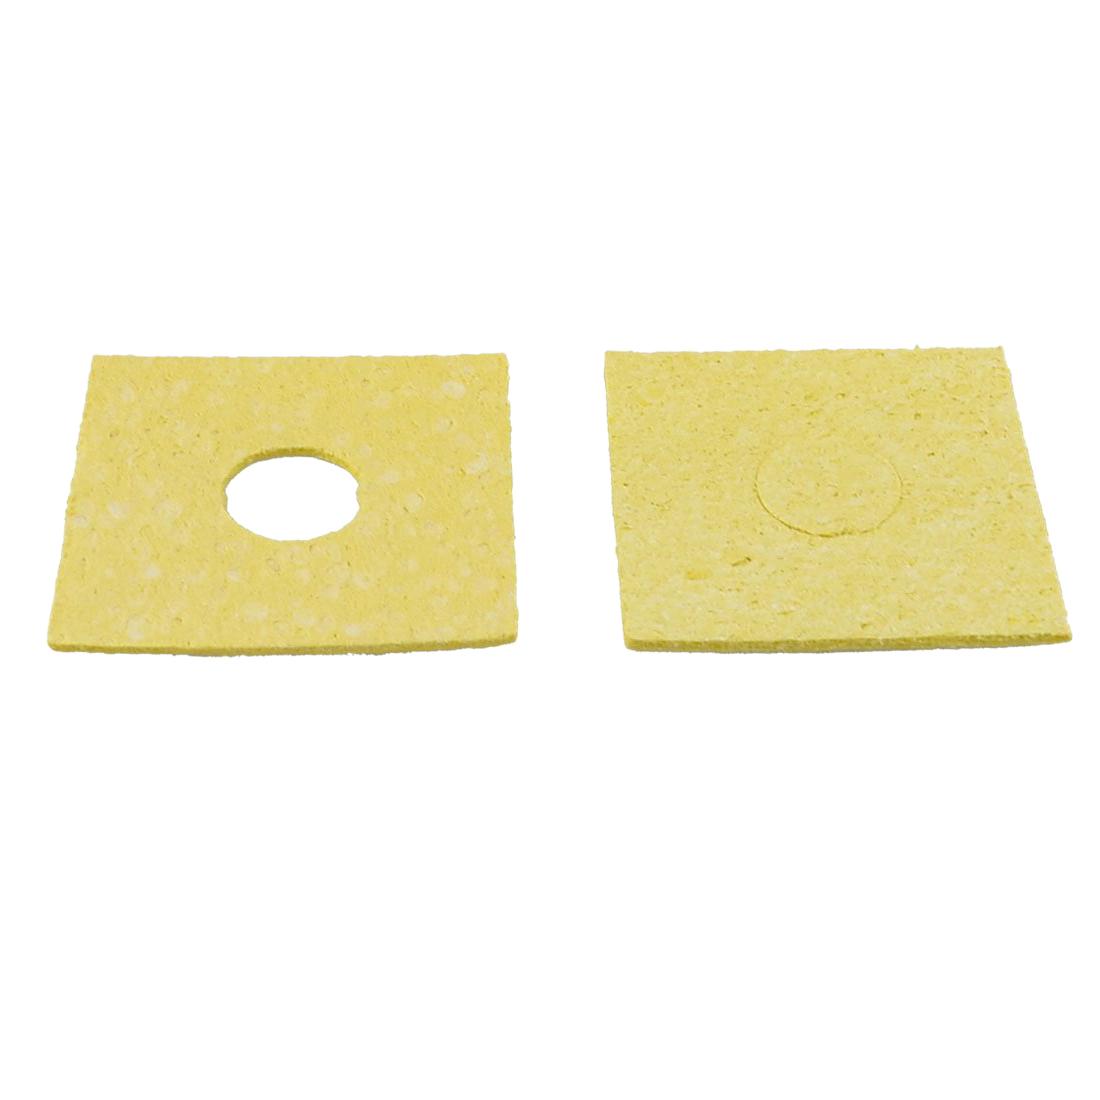 50 stk gelb 60x60x3mm loeten station loetkolben reinigungsschwamm gy ebay. Black Bedroom Furniture Sets. Home Design Ideas